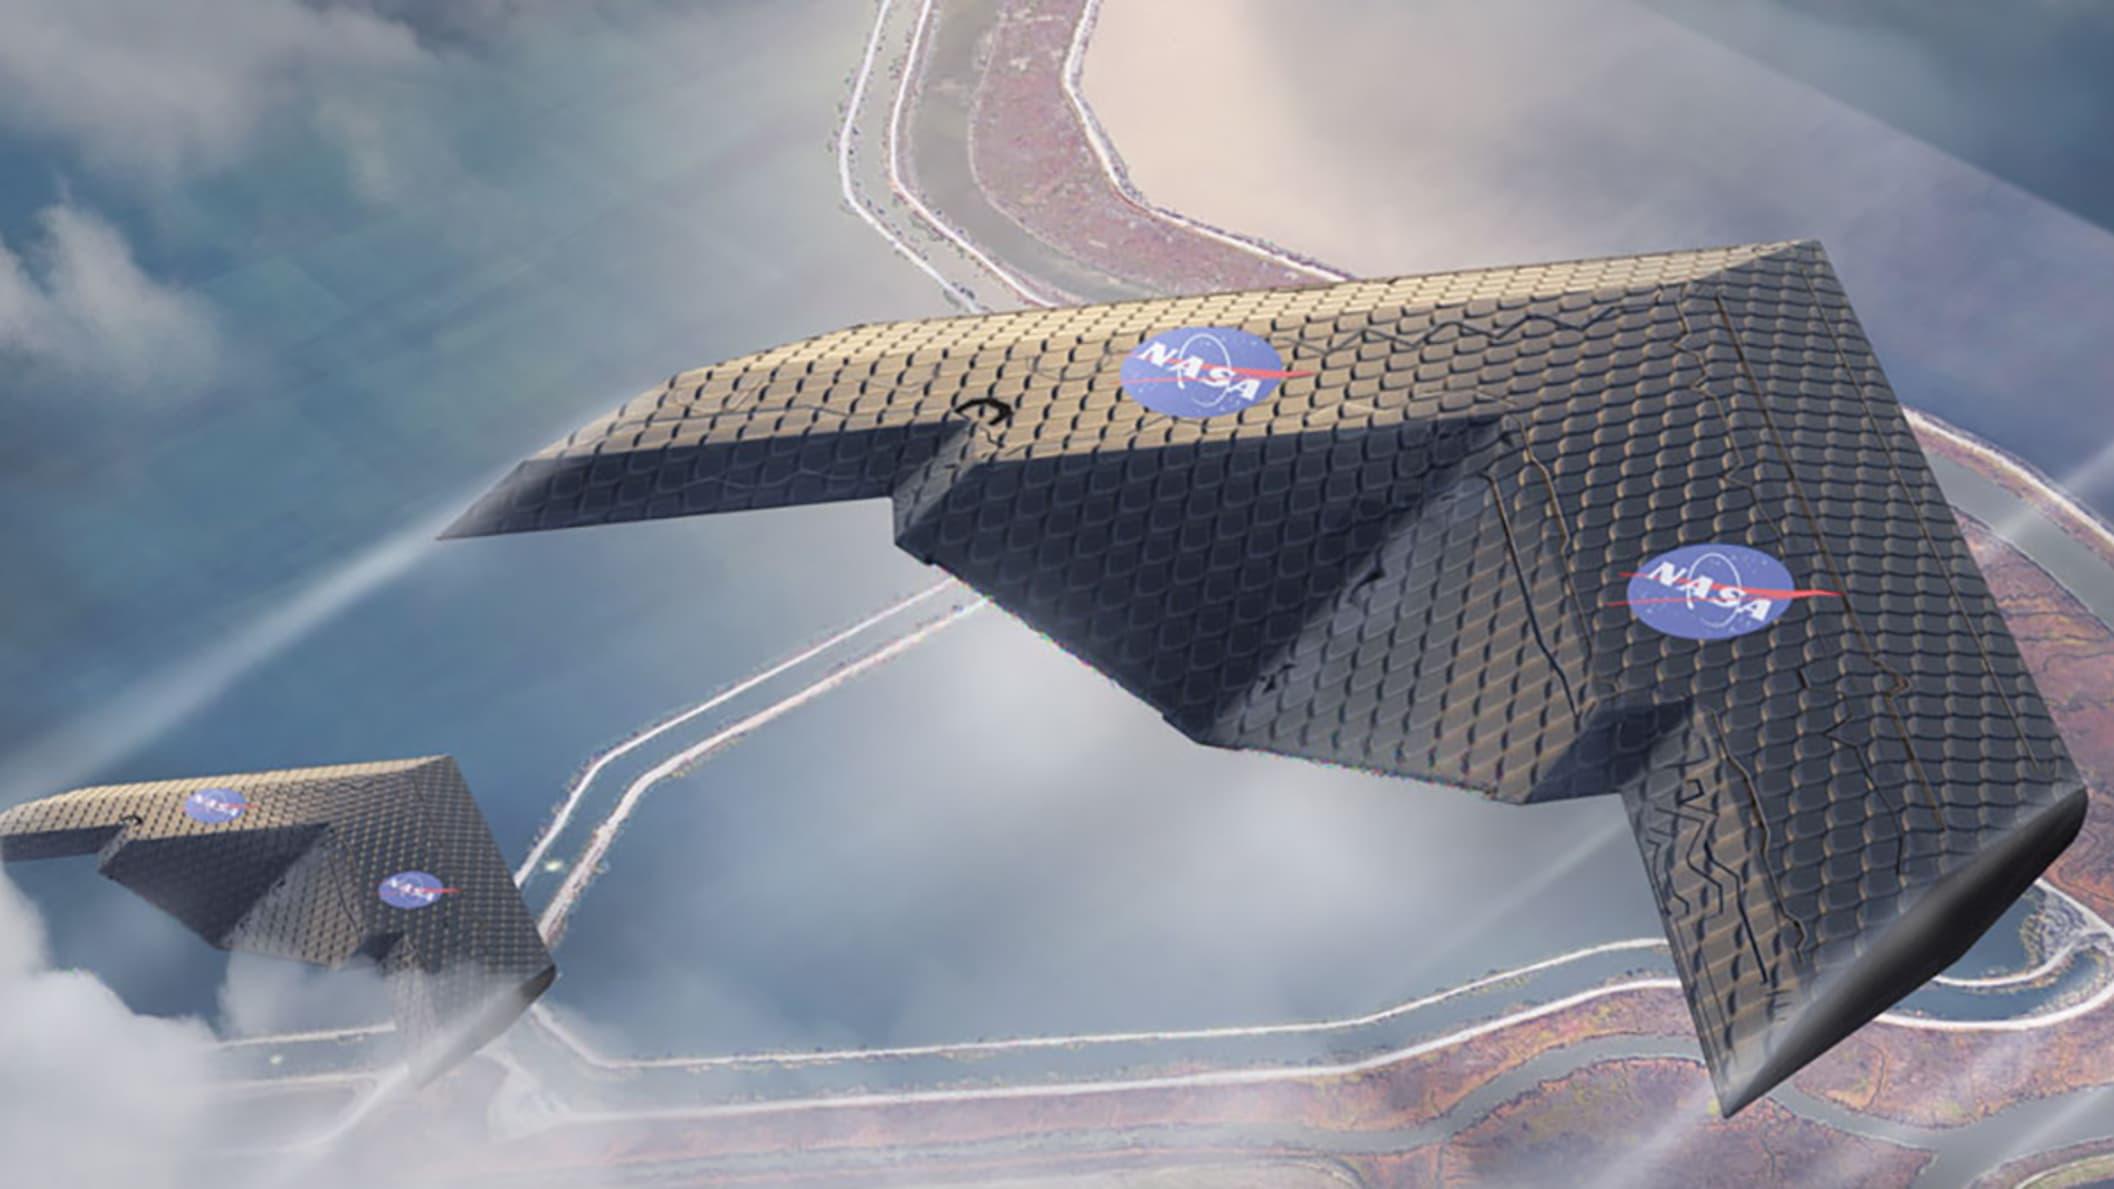 新的飞机机翼像鸟一样移动,可以从根本上改变飞机的设计